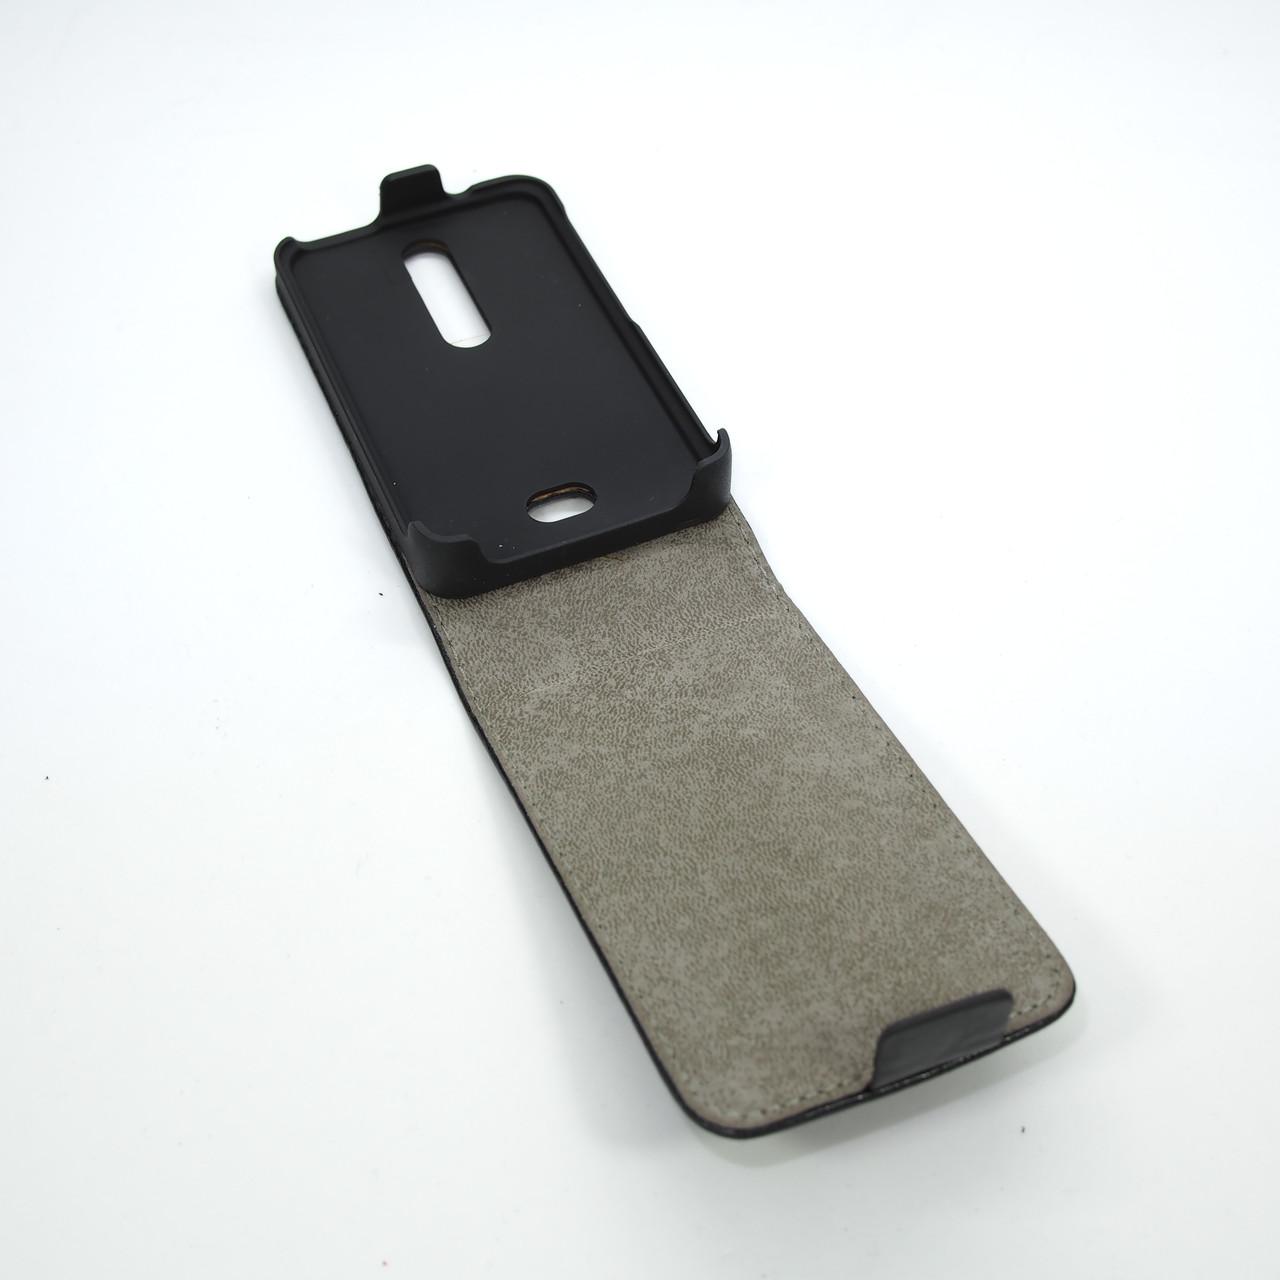 Croco Nokia Asha 501 black